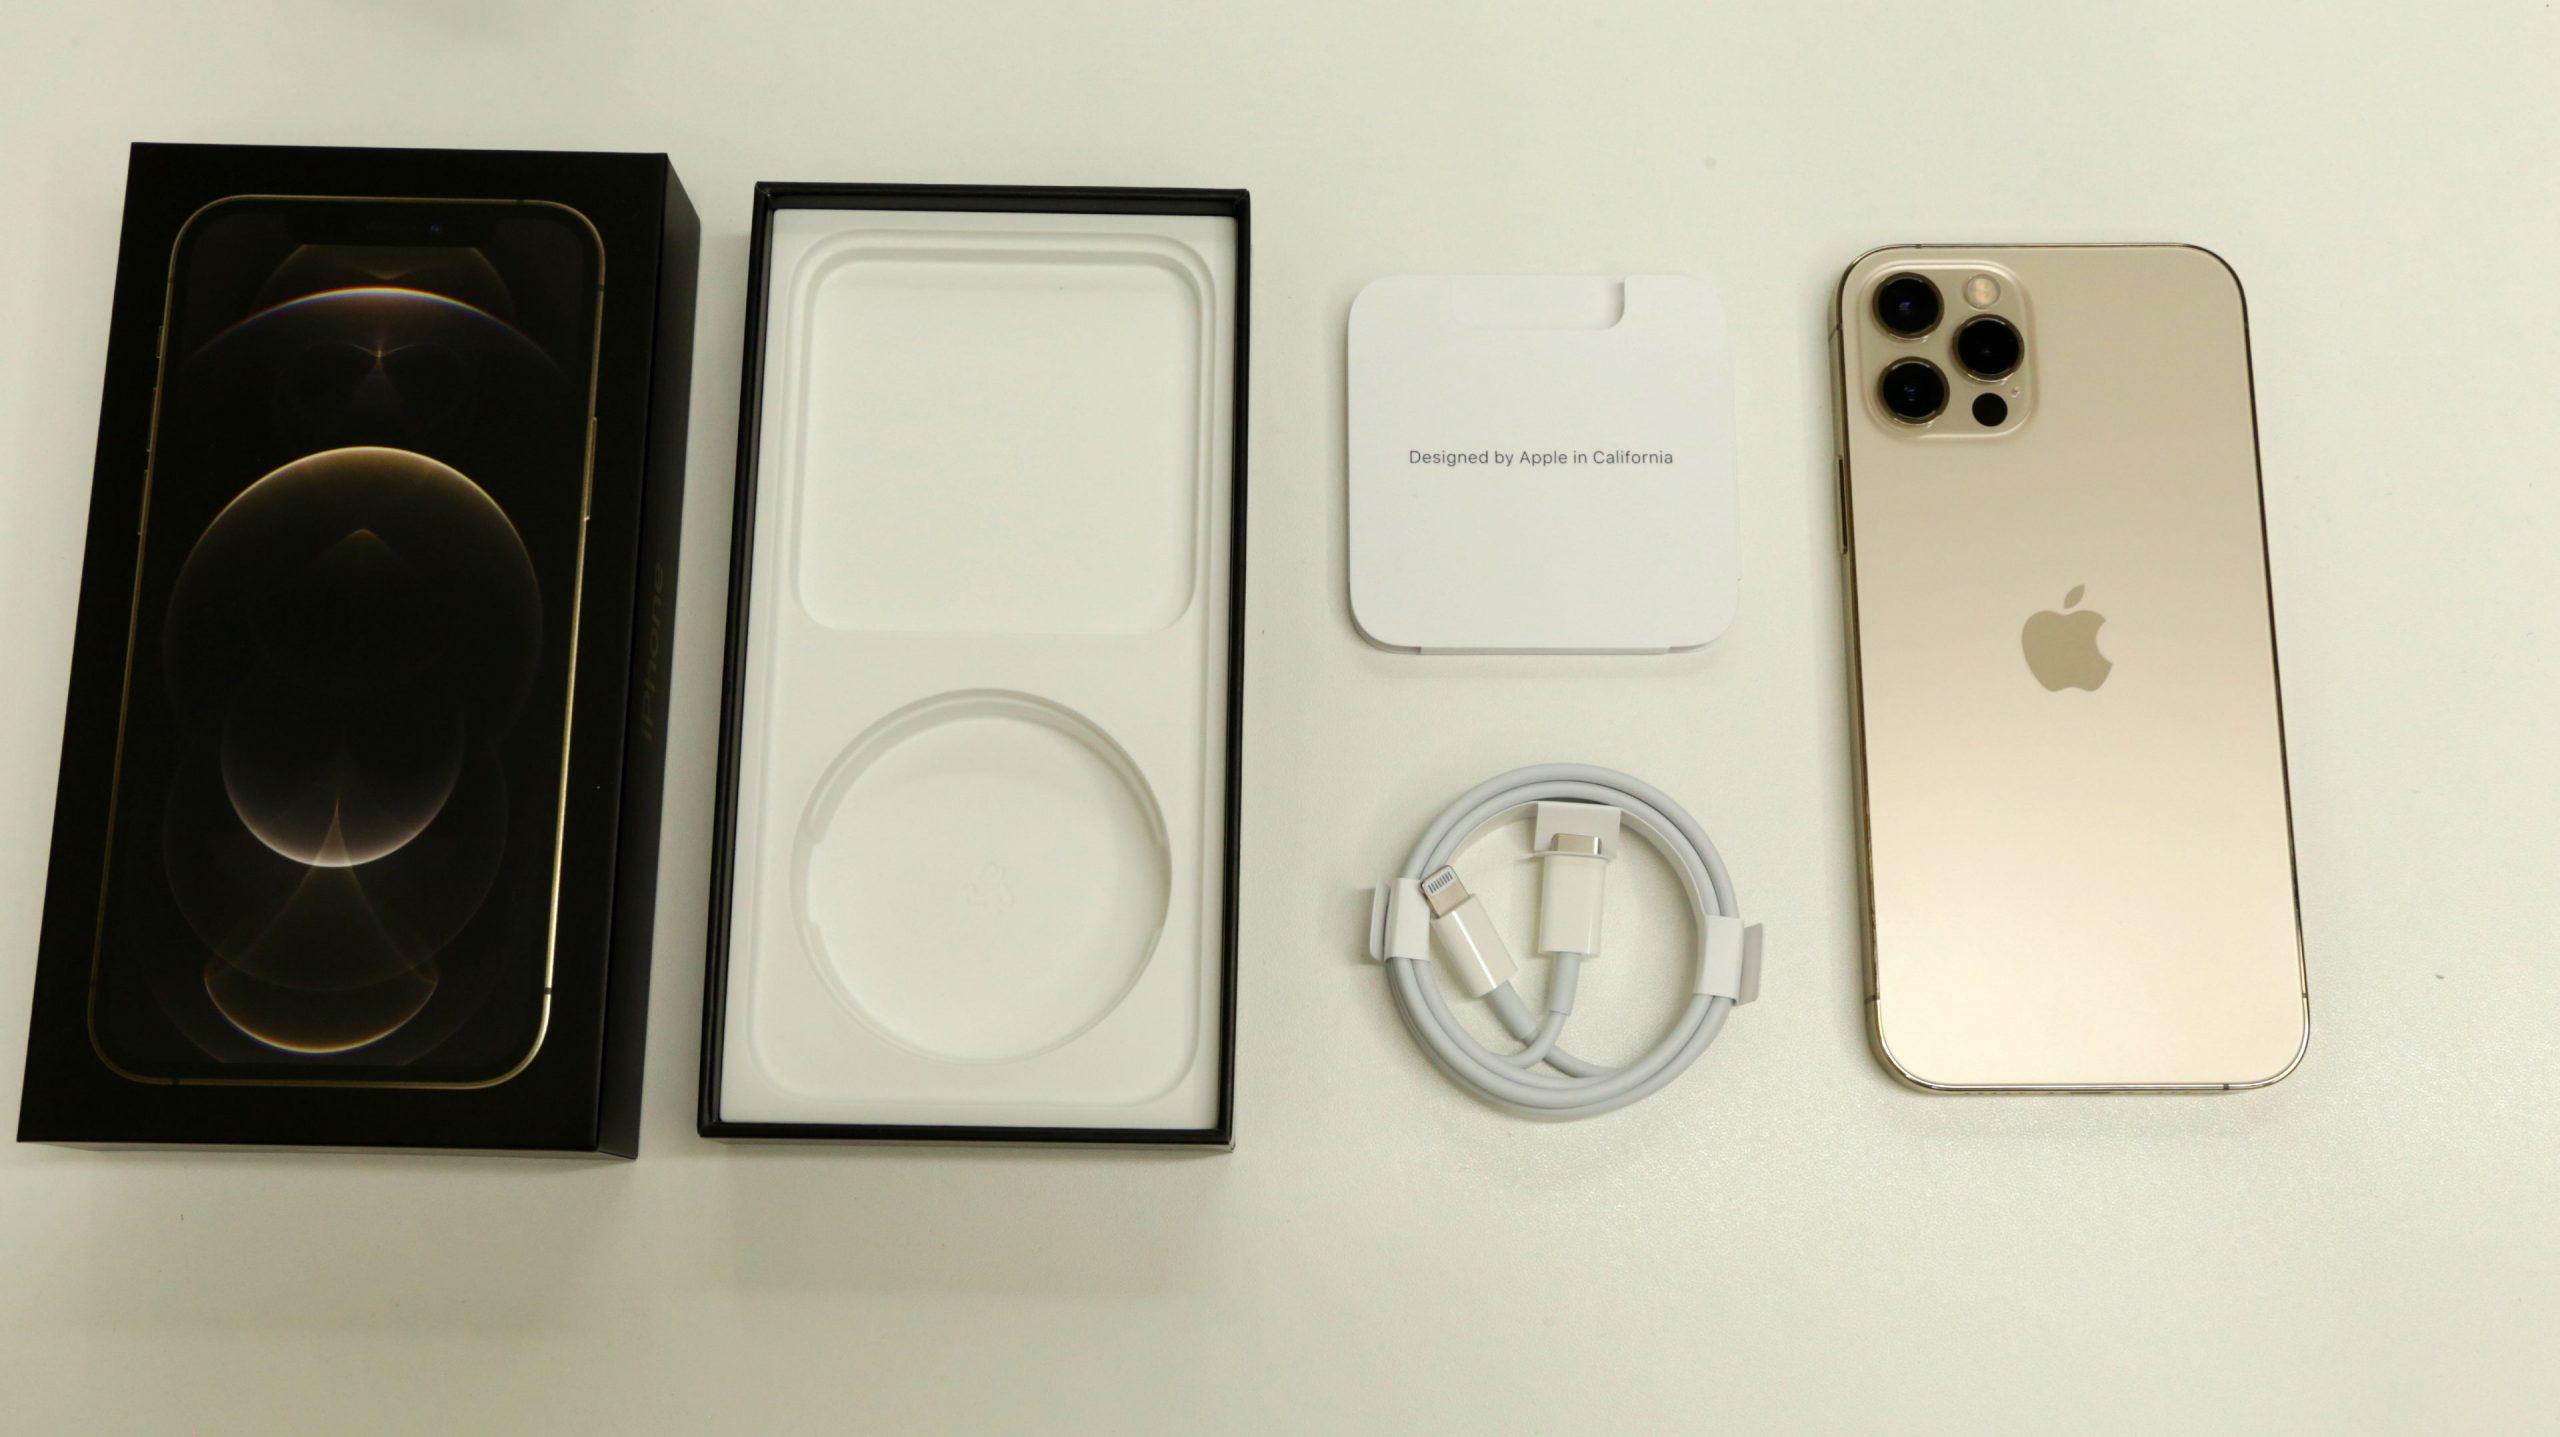 iPhone12 Proに同梱されているもの